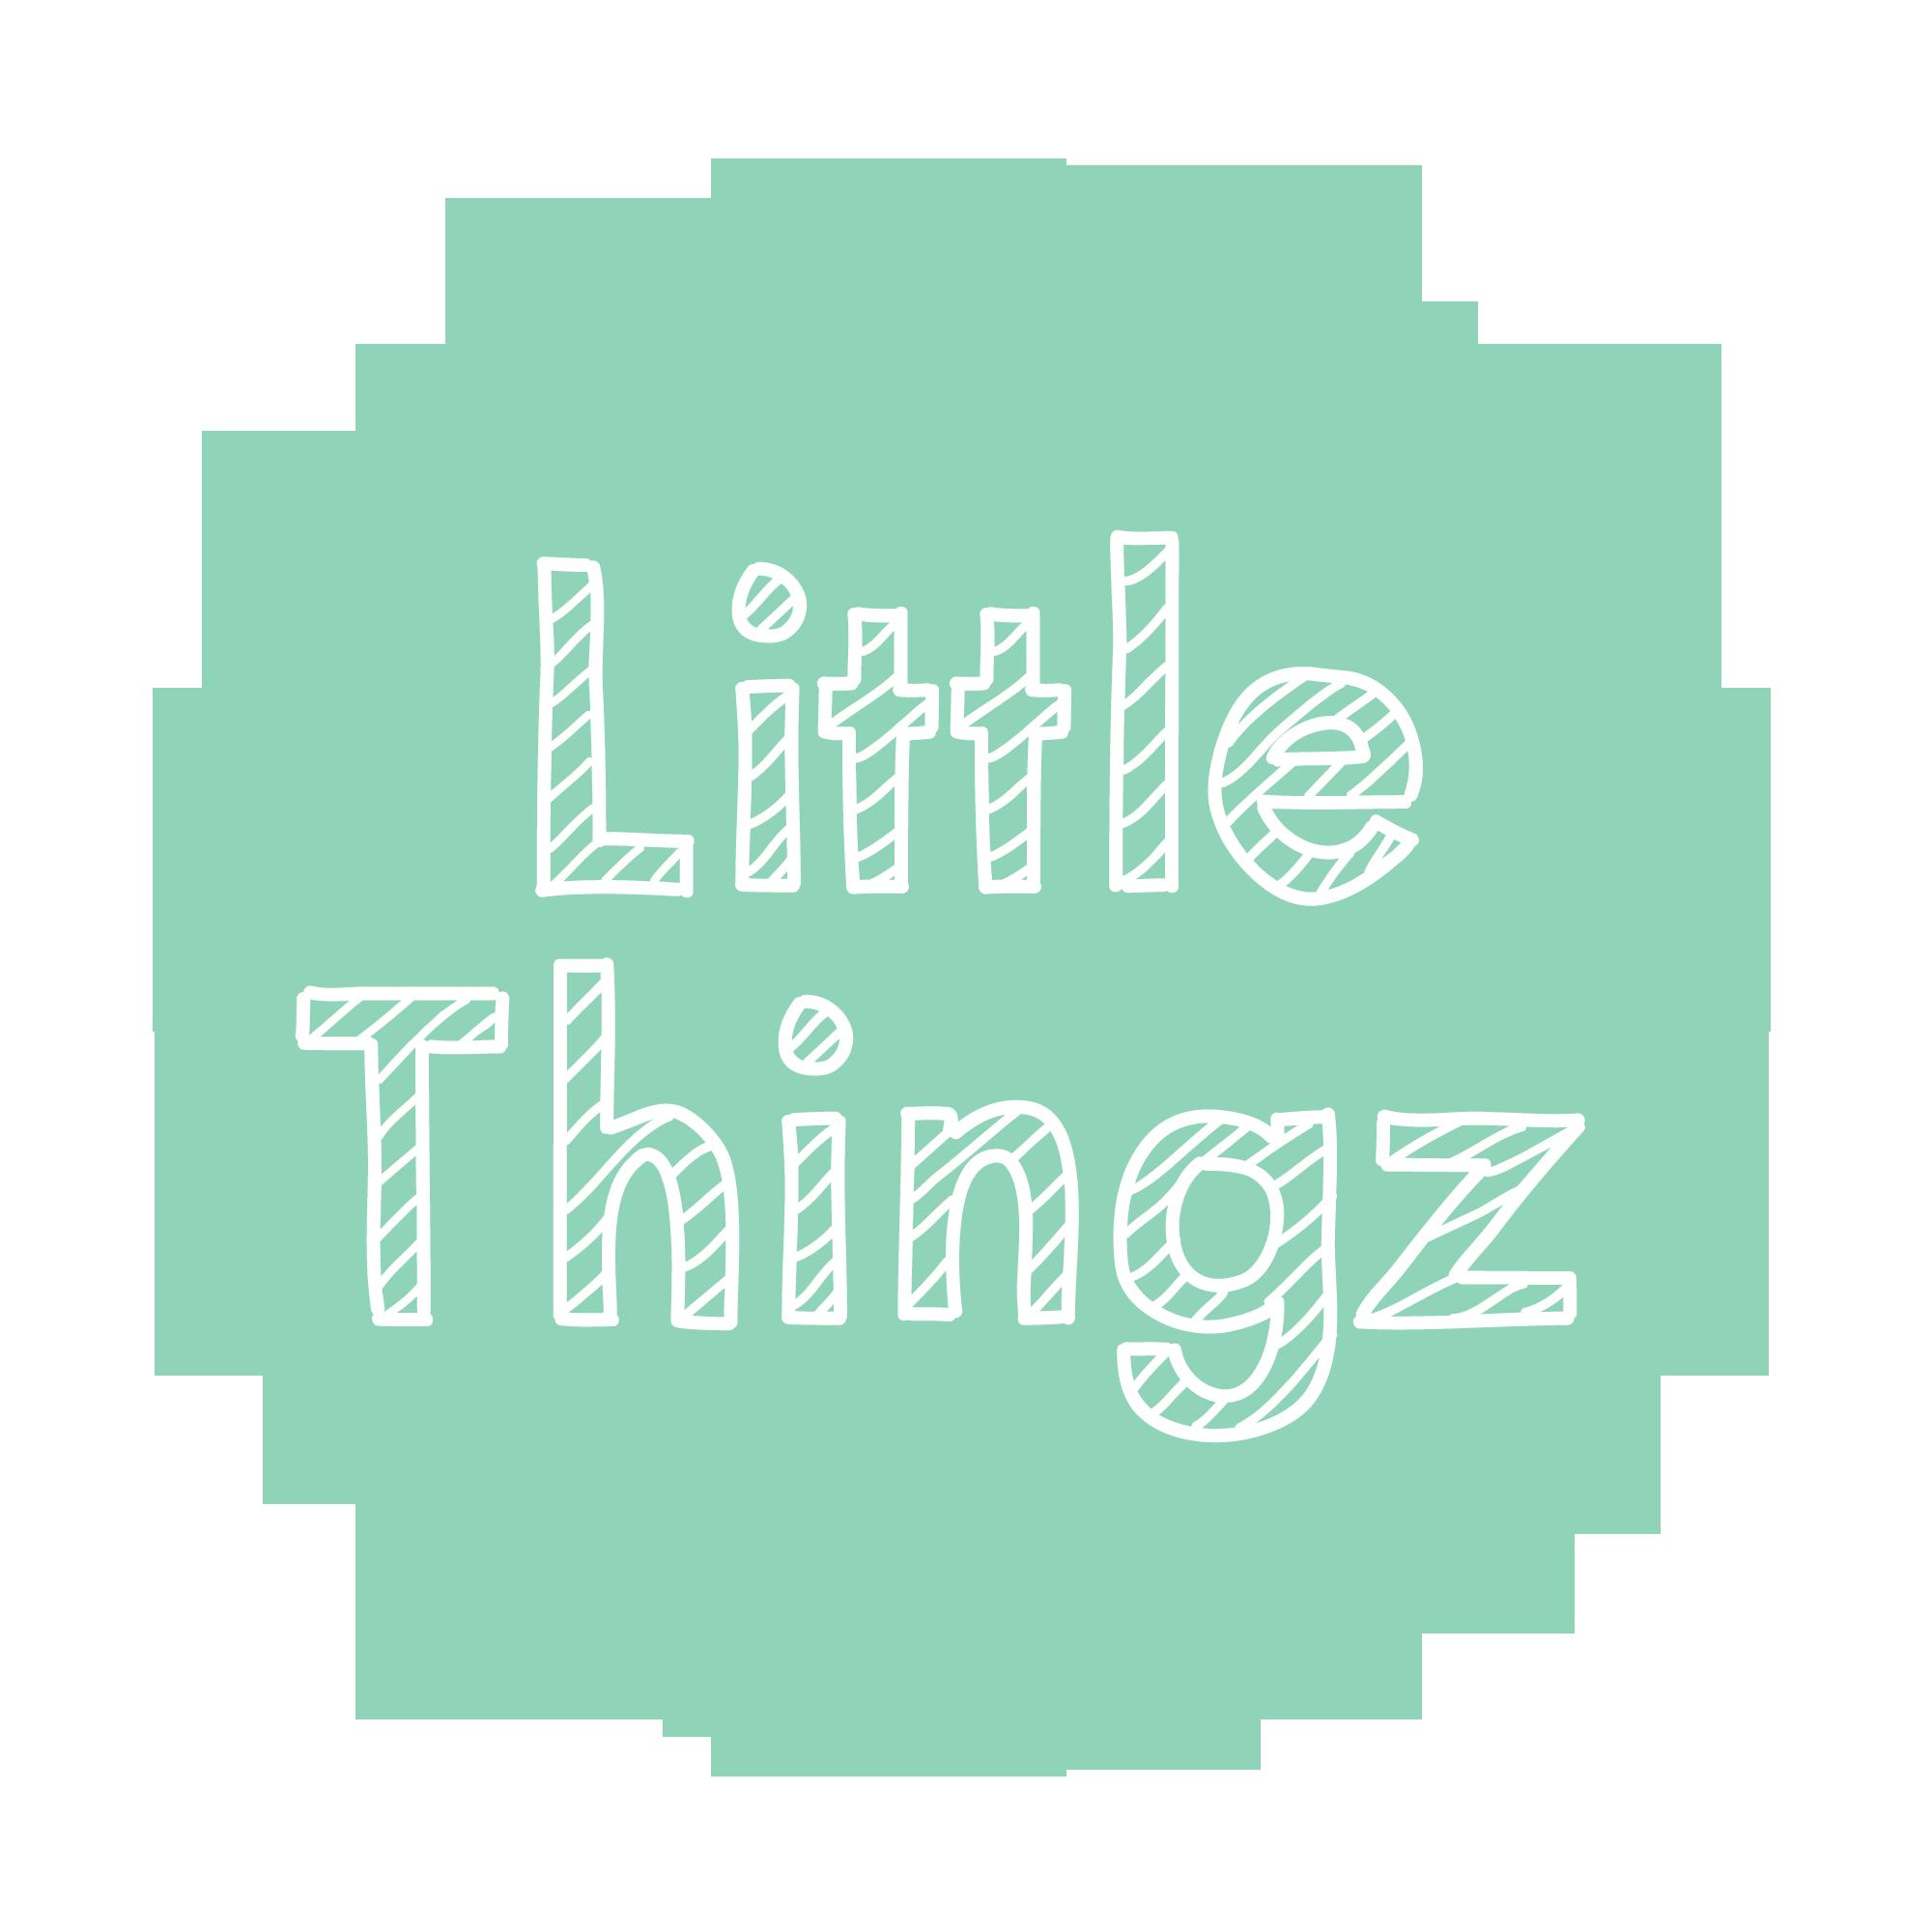 Little Thingz promotie : Dag van de webshop